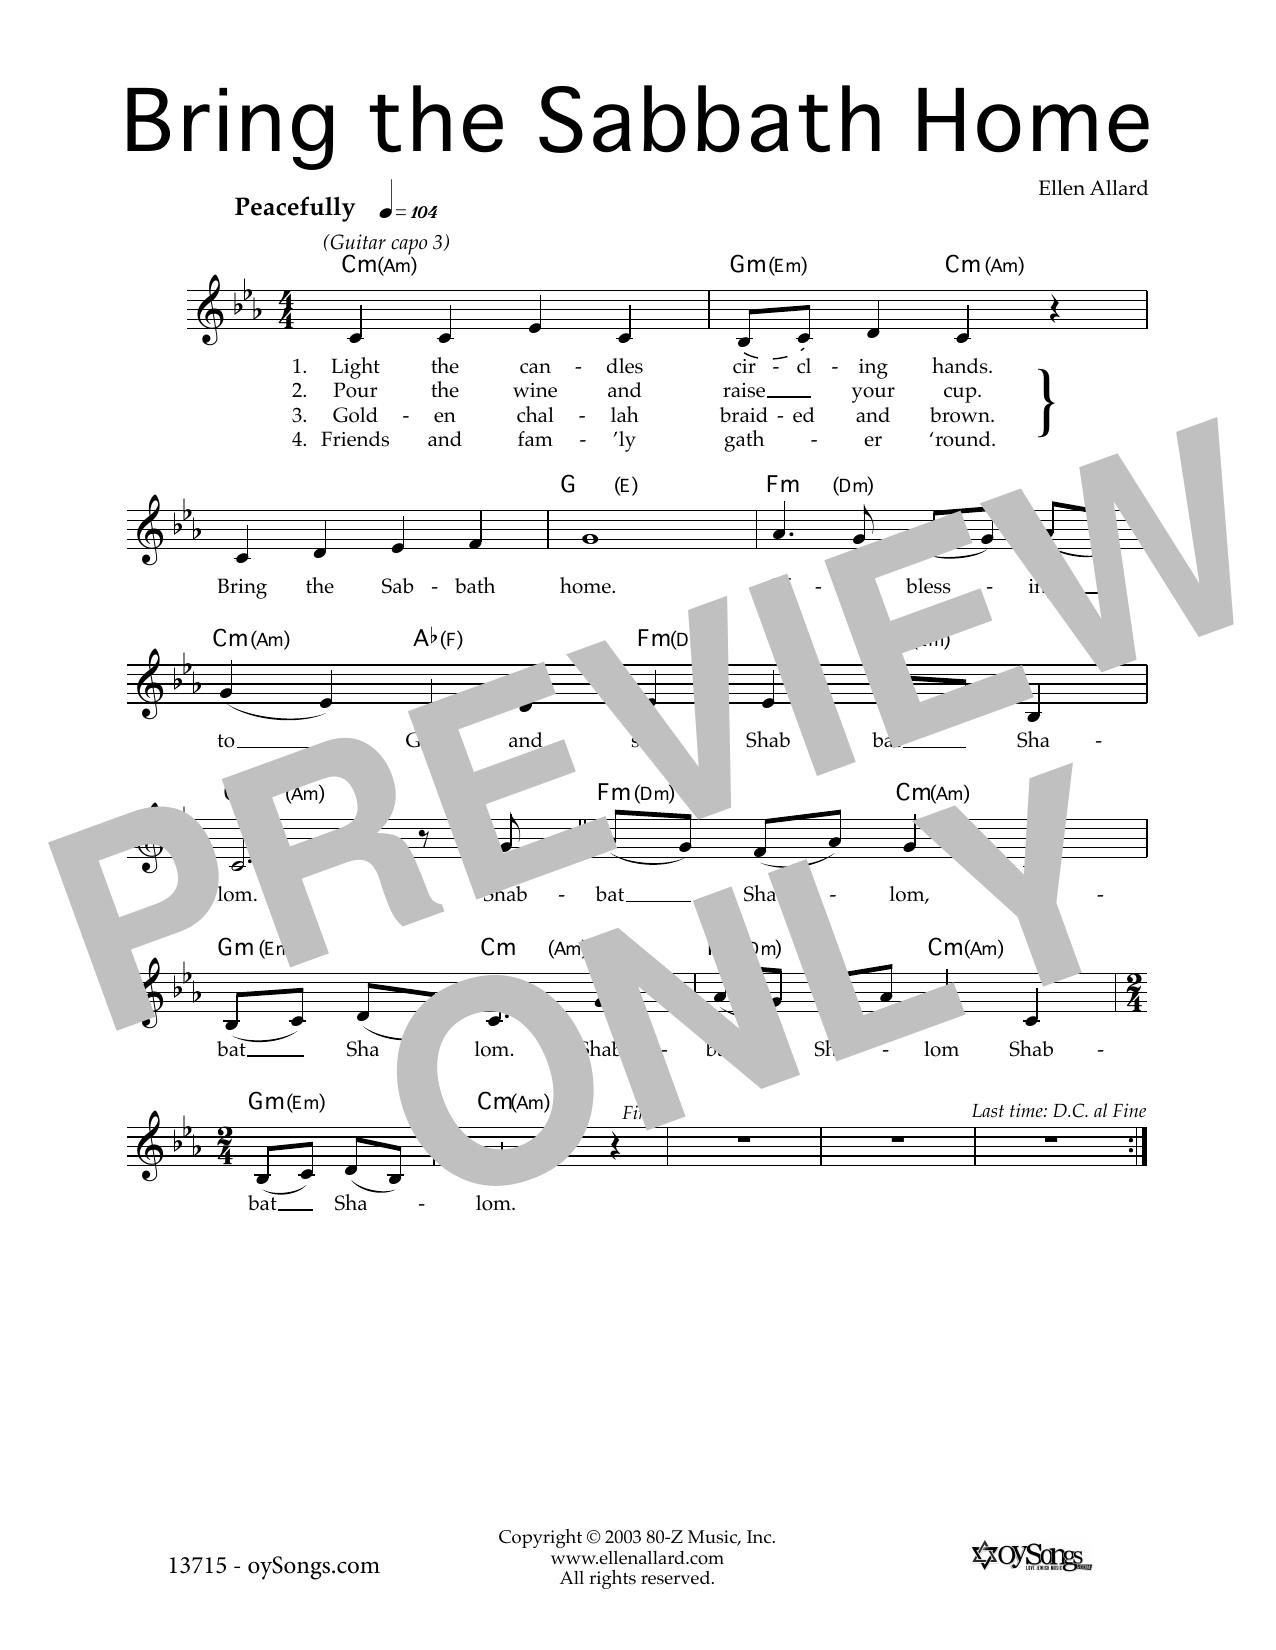 Bring the Sabbath Home Sheet Music